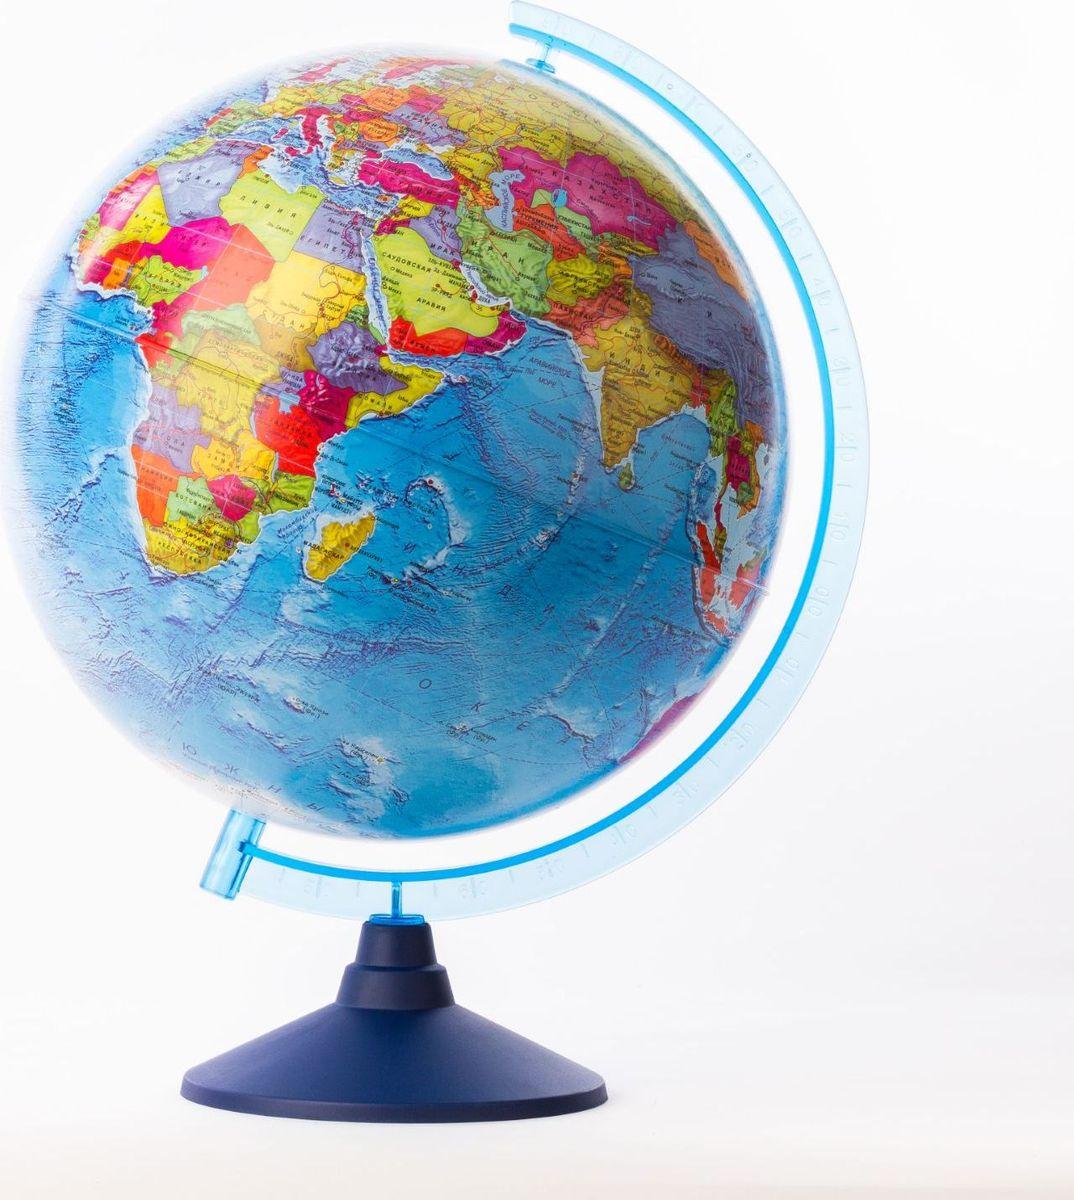 Глобен Глобус политический Классик Евро диаметр 32 см -  Канцтовары и организация рабочего места